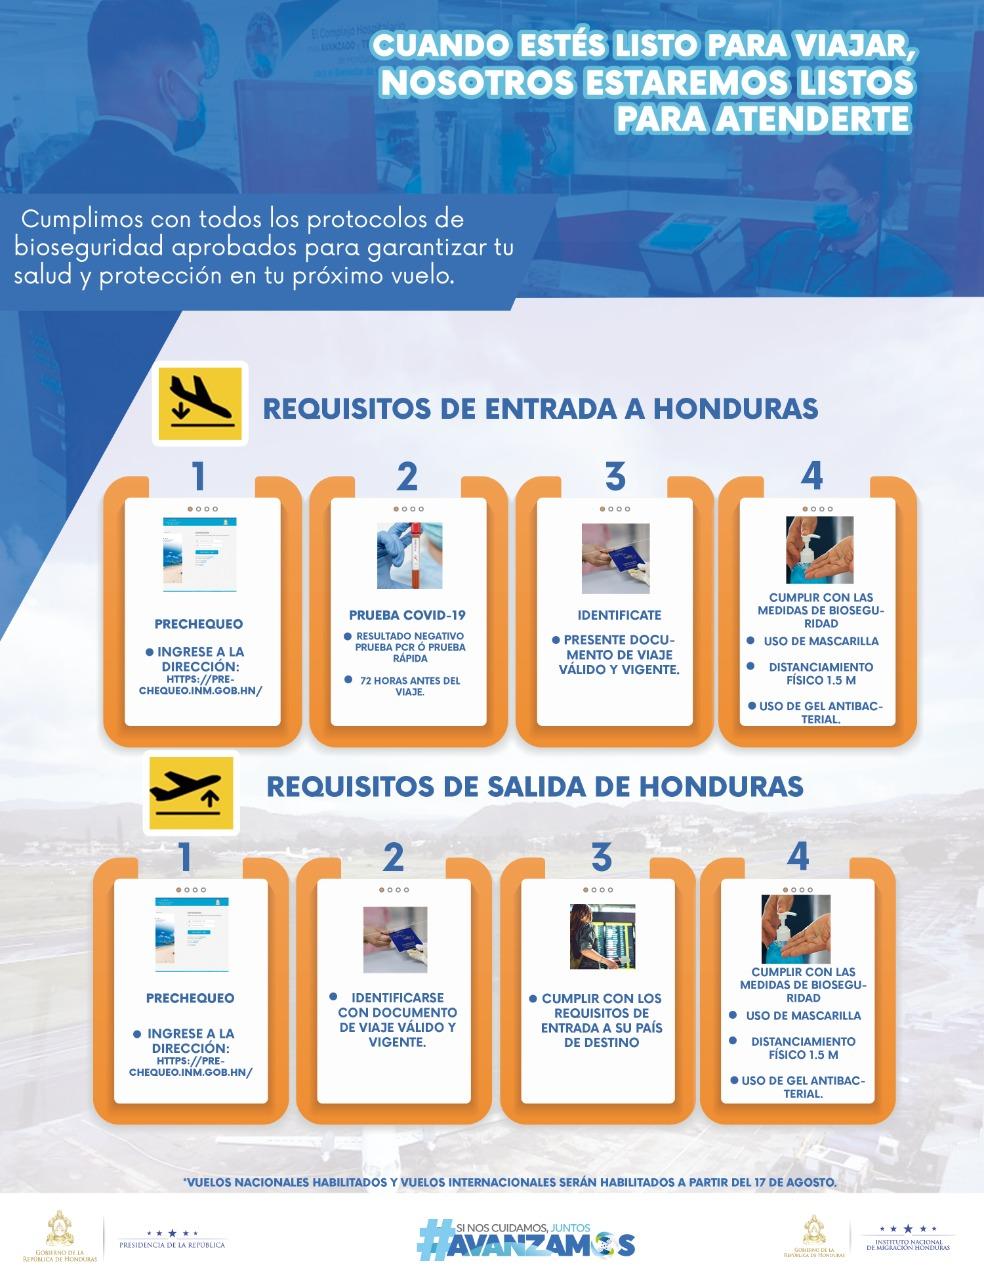 Mañana lunes 17 de agosto se activa el transporte aéreo internacional en Honduras